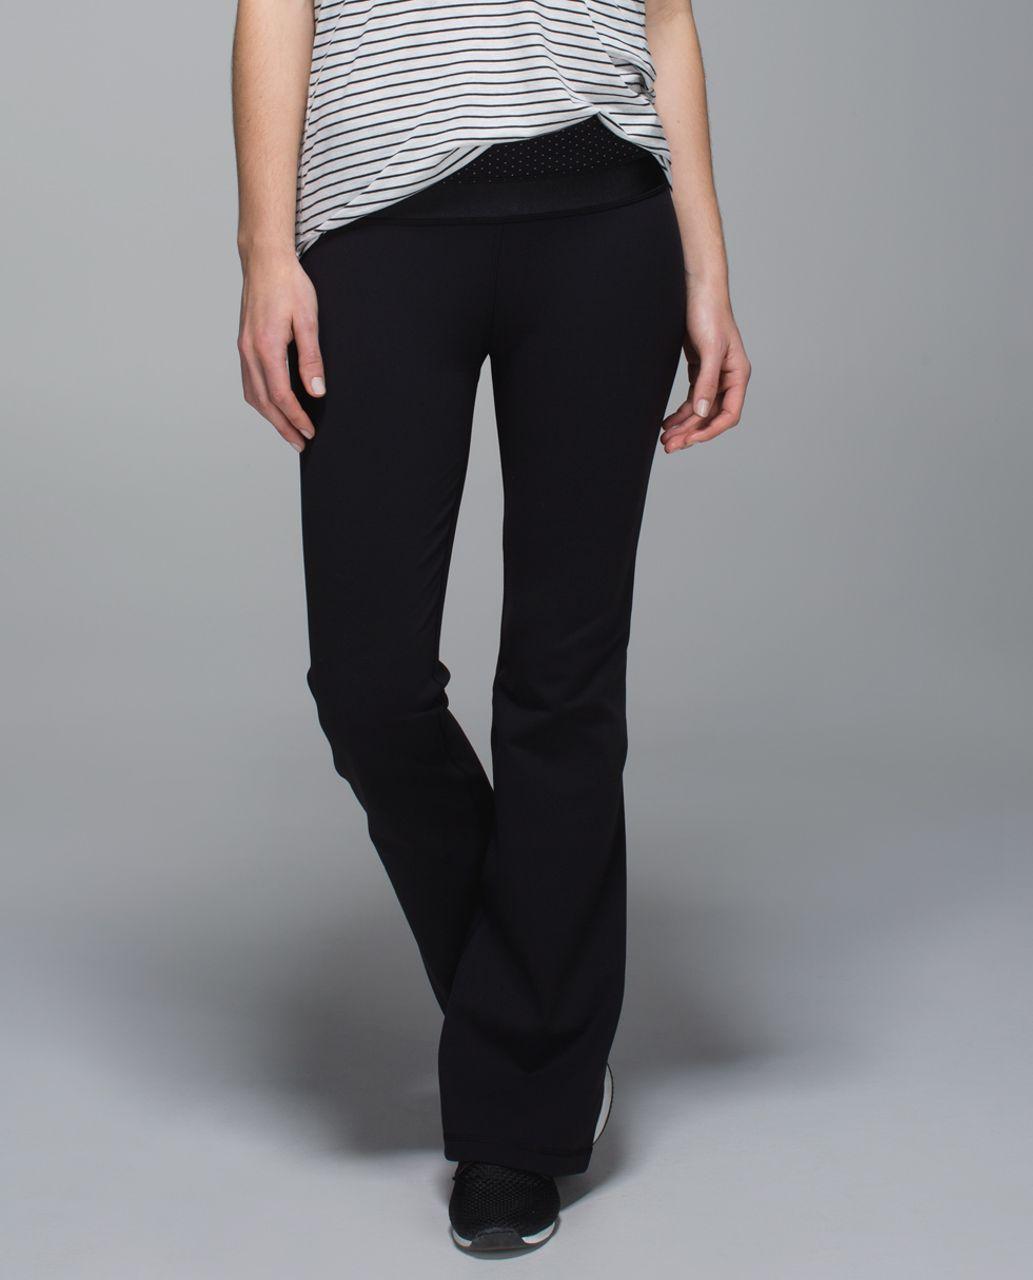 Lululemon Groove Pant *Full-On Luon (Regular) - Black / Teeny Dot Black White